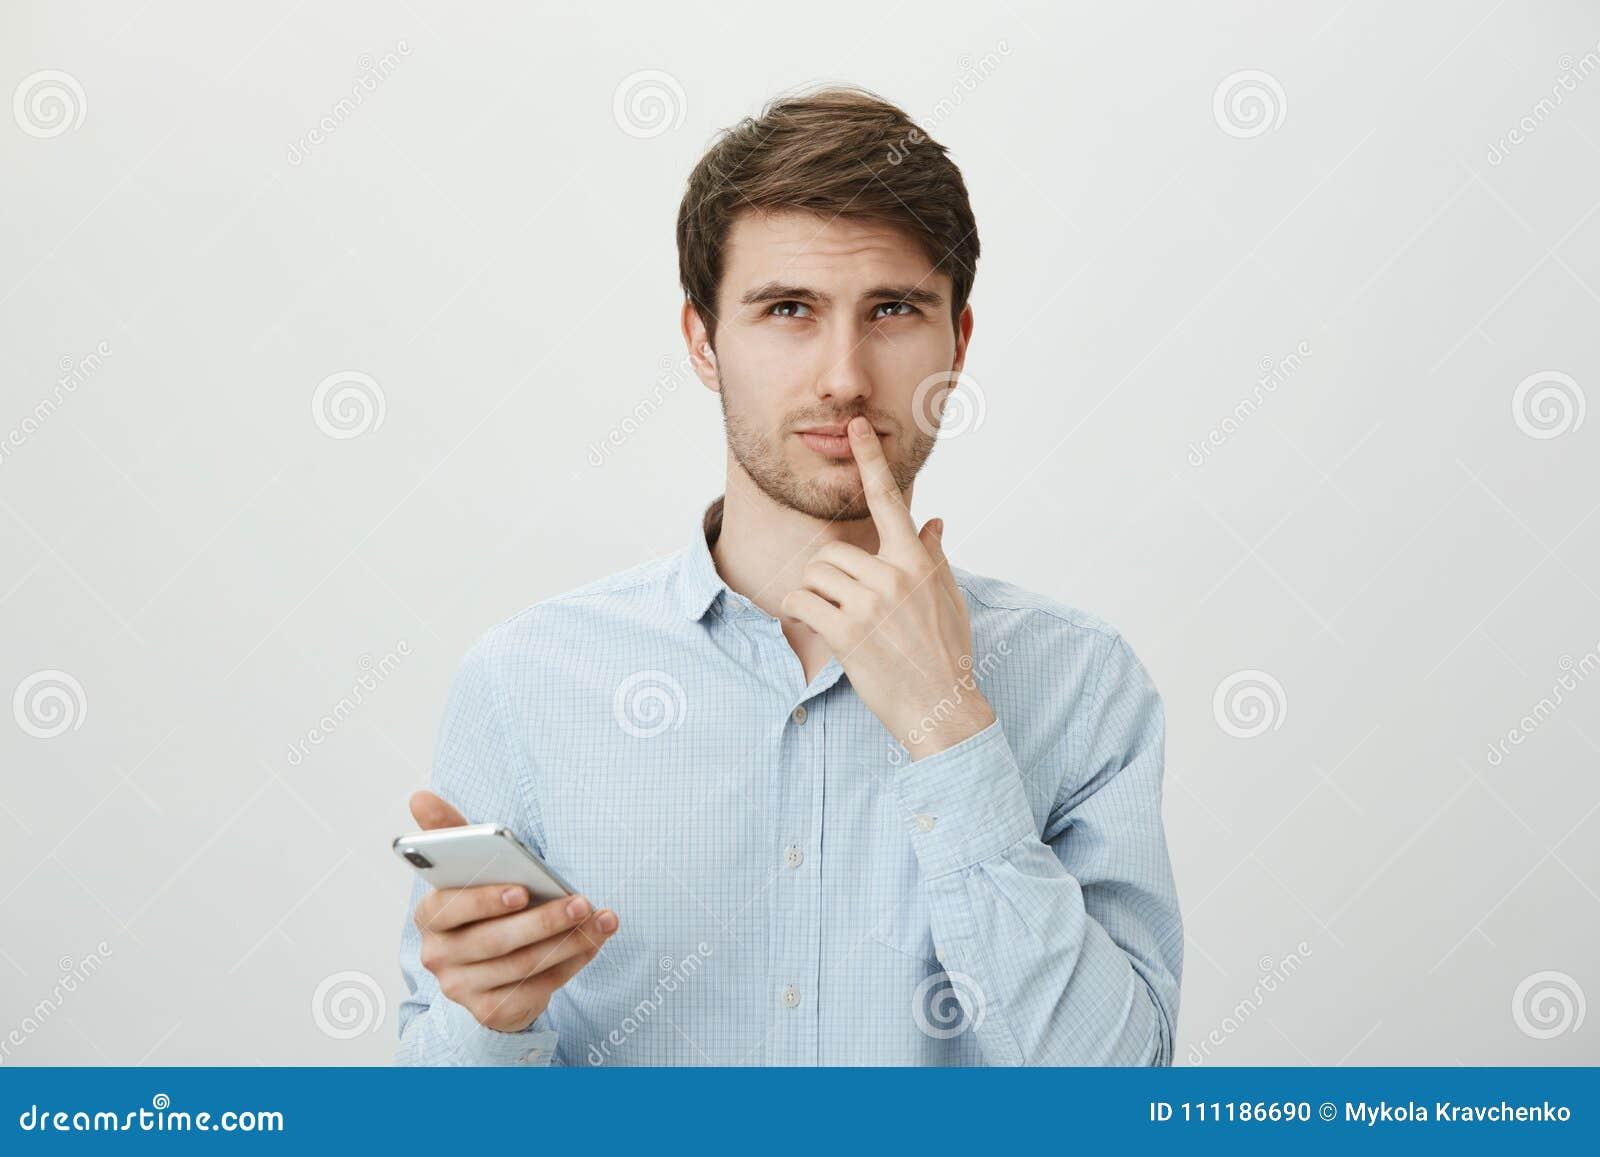 Of niet doen, nemend besluiten is harde taak Aantrekkelijk ongeschoren mannetje in formele smartphone van de overhemdsholding ter